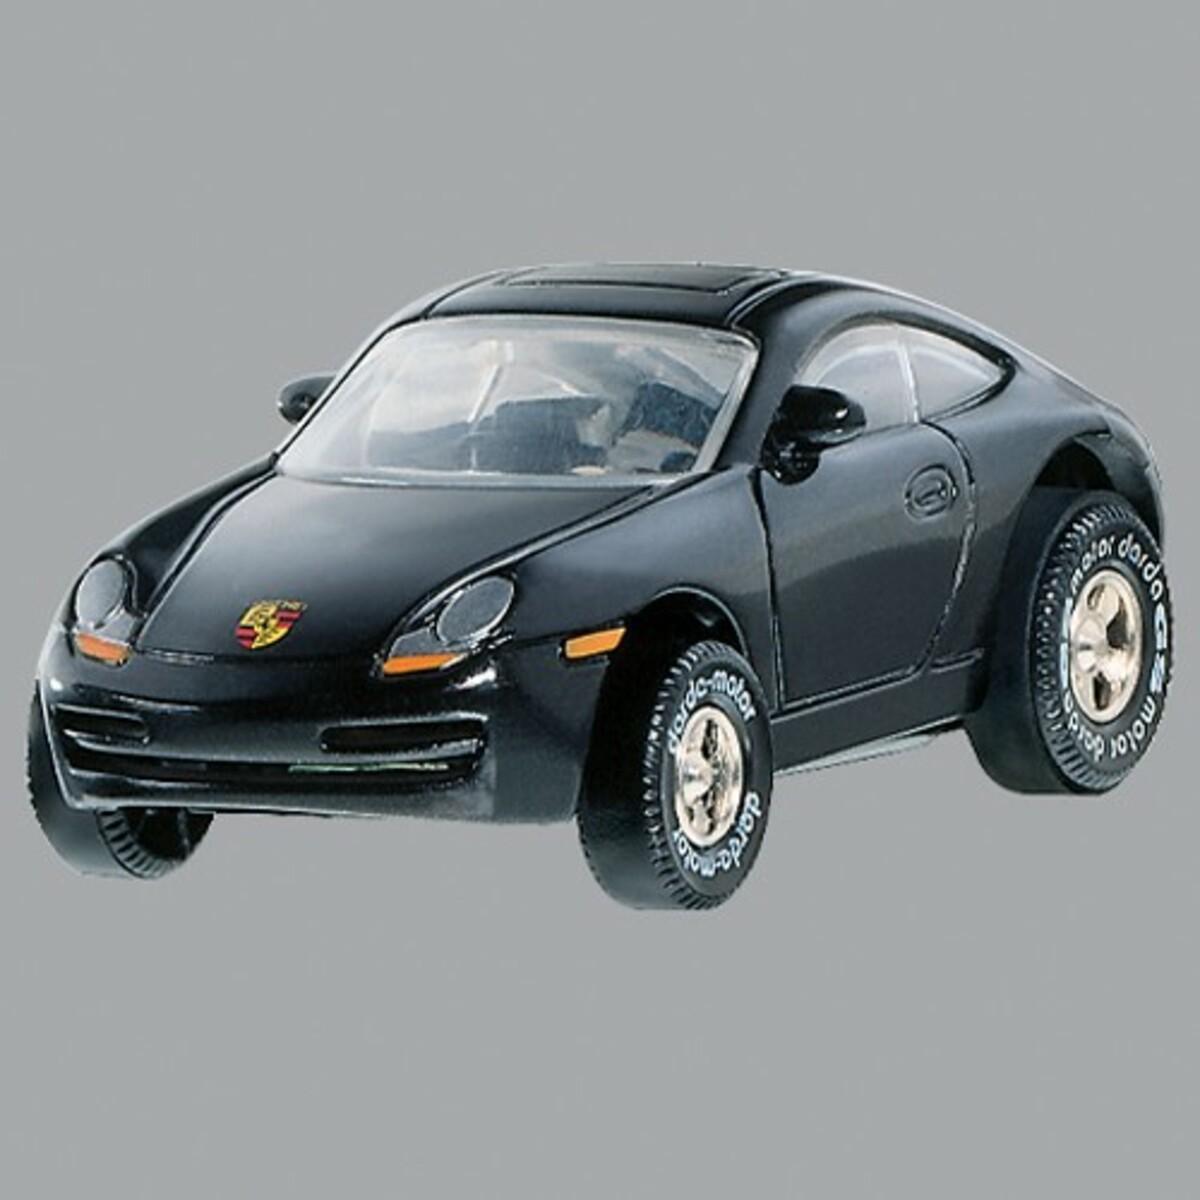 Bild 1 von Simm 50309 Darda - Porsche 911 schwarz